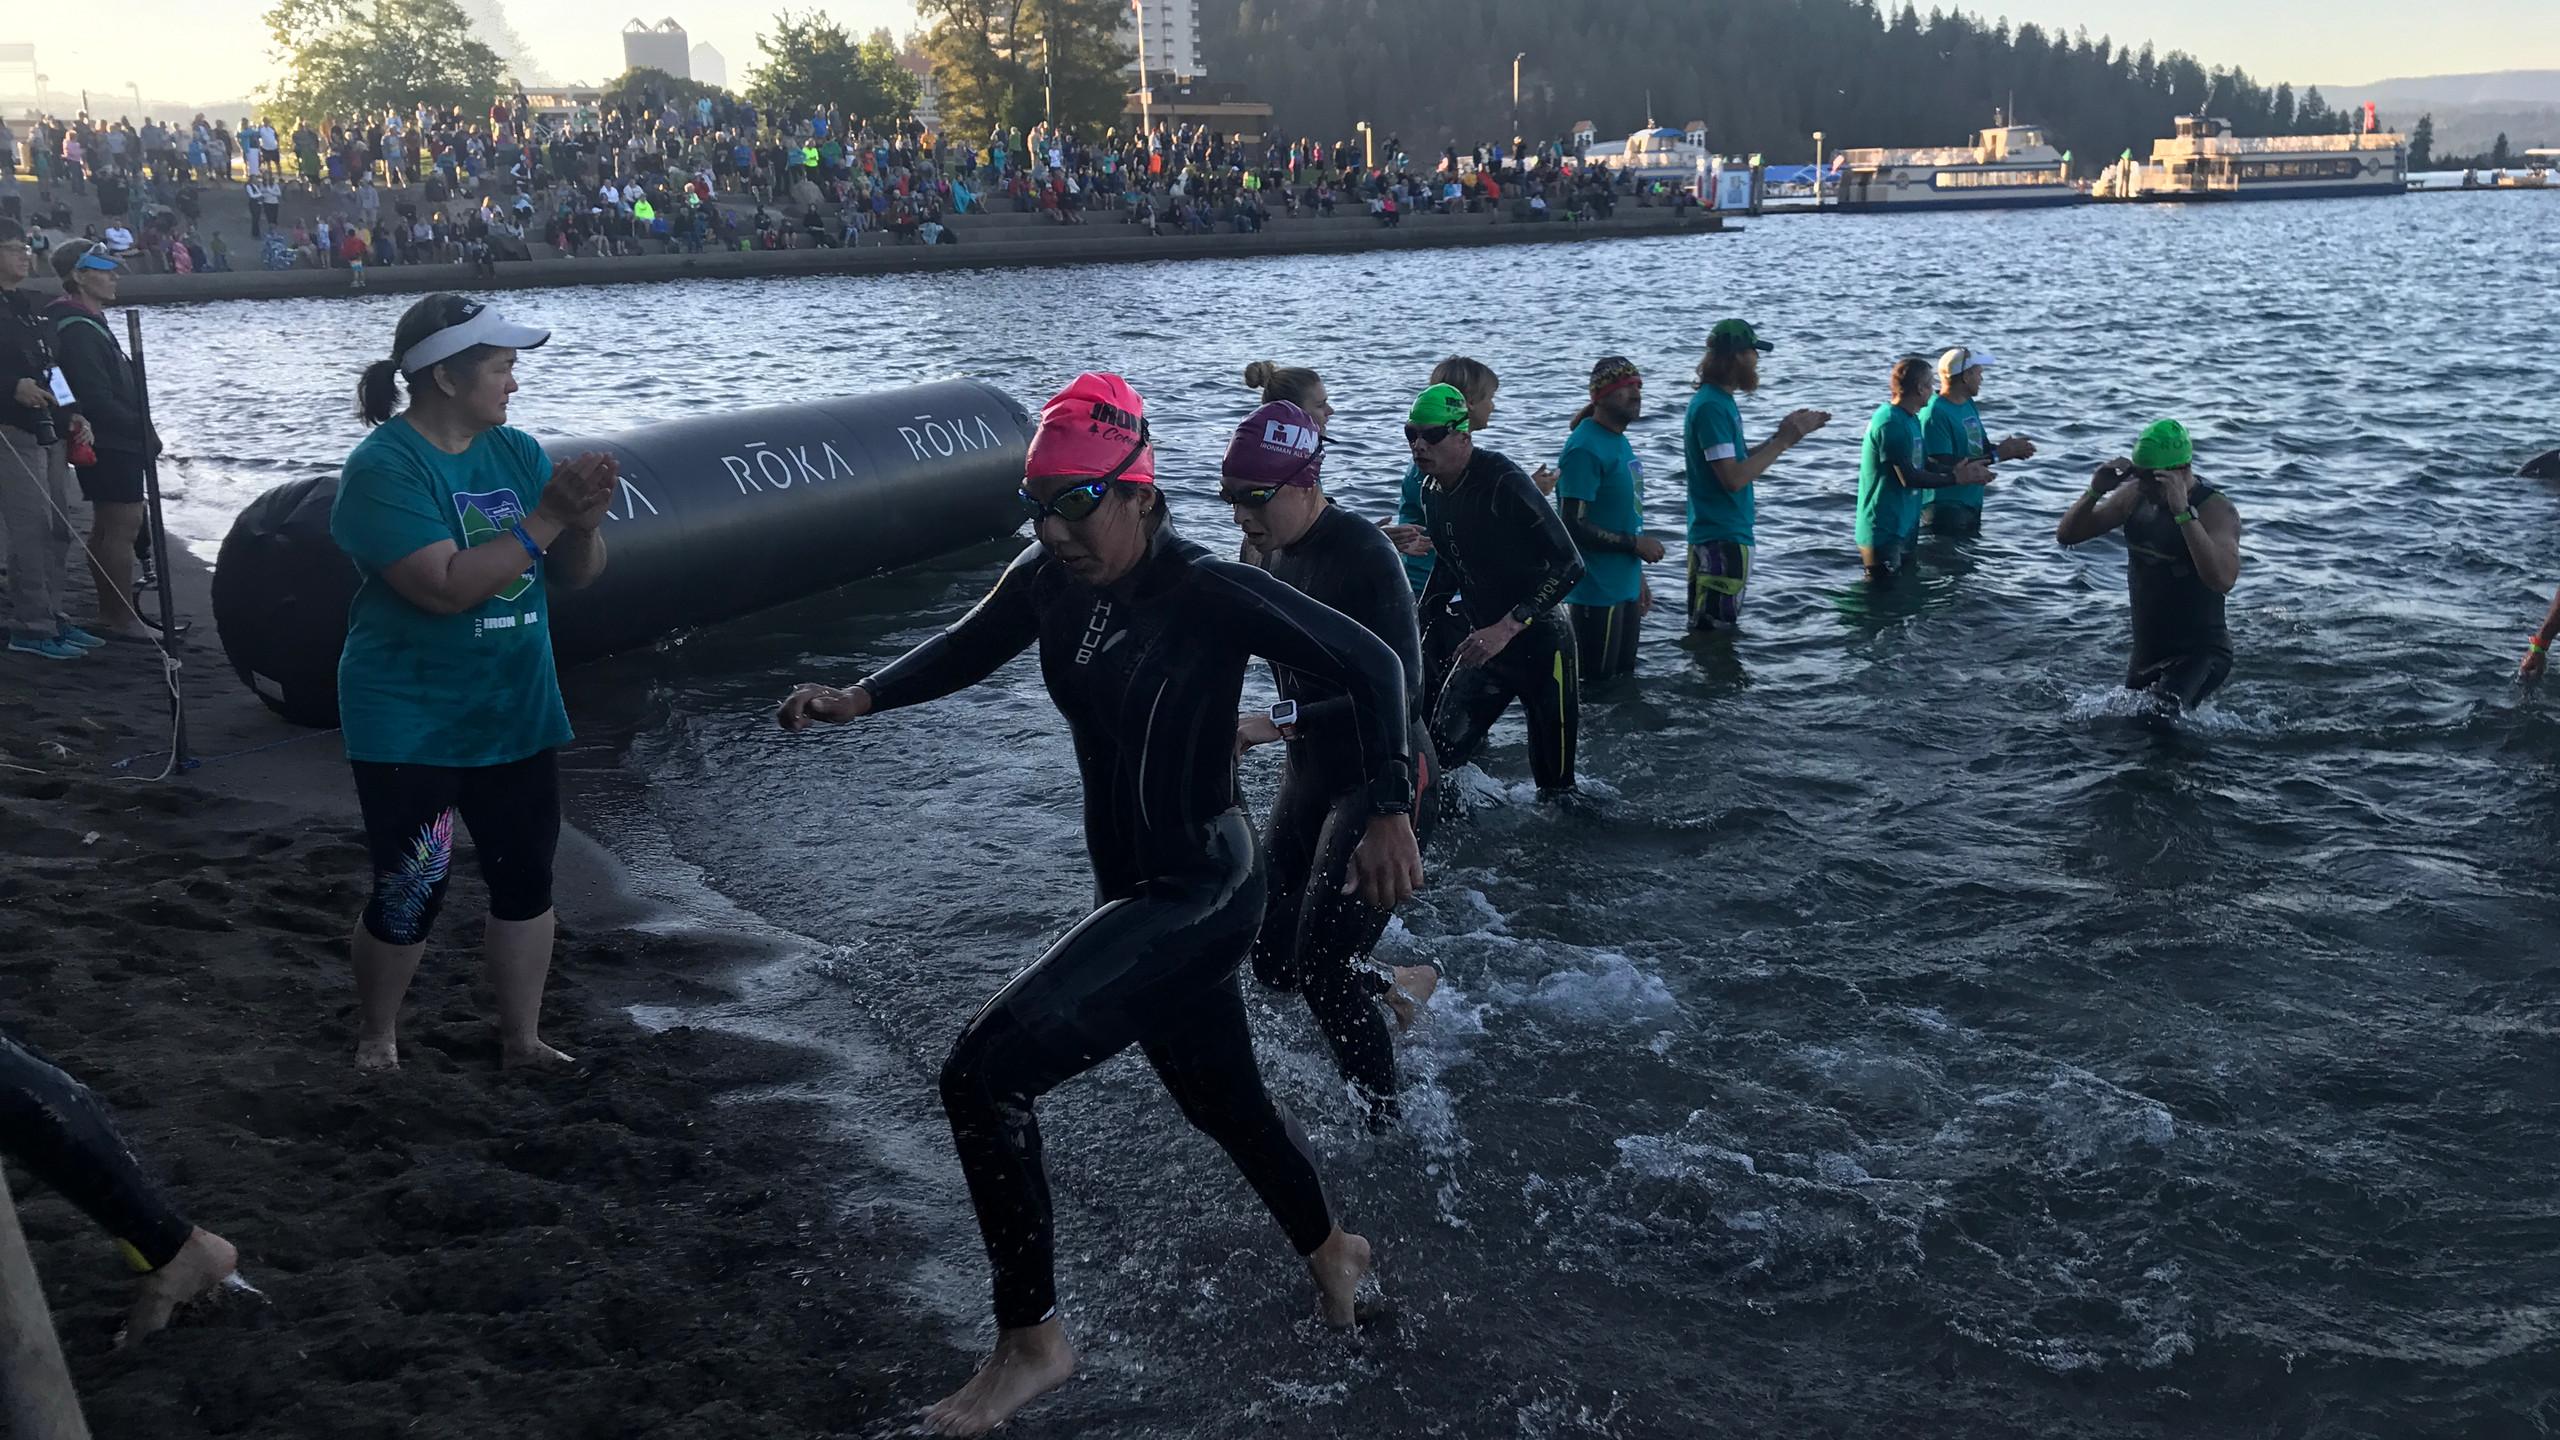 Valerie Exits Swim